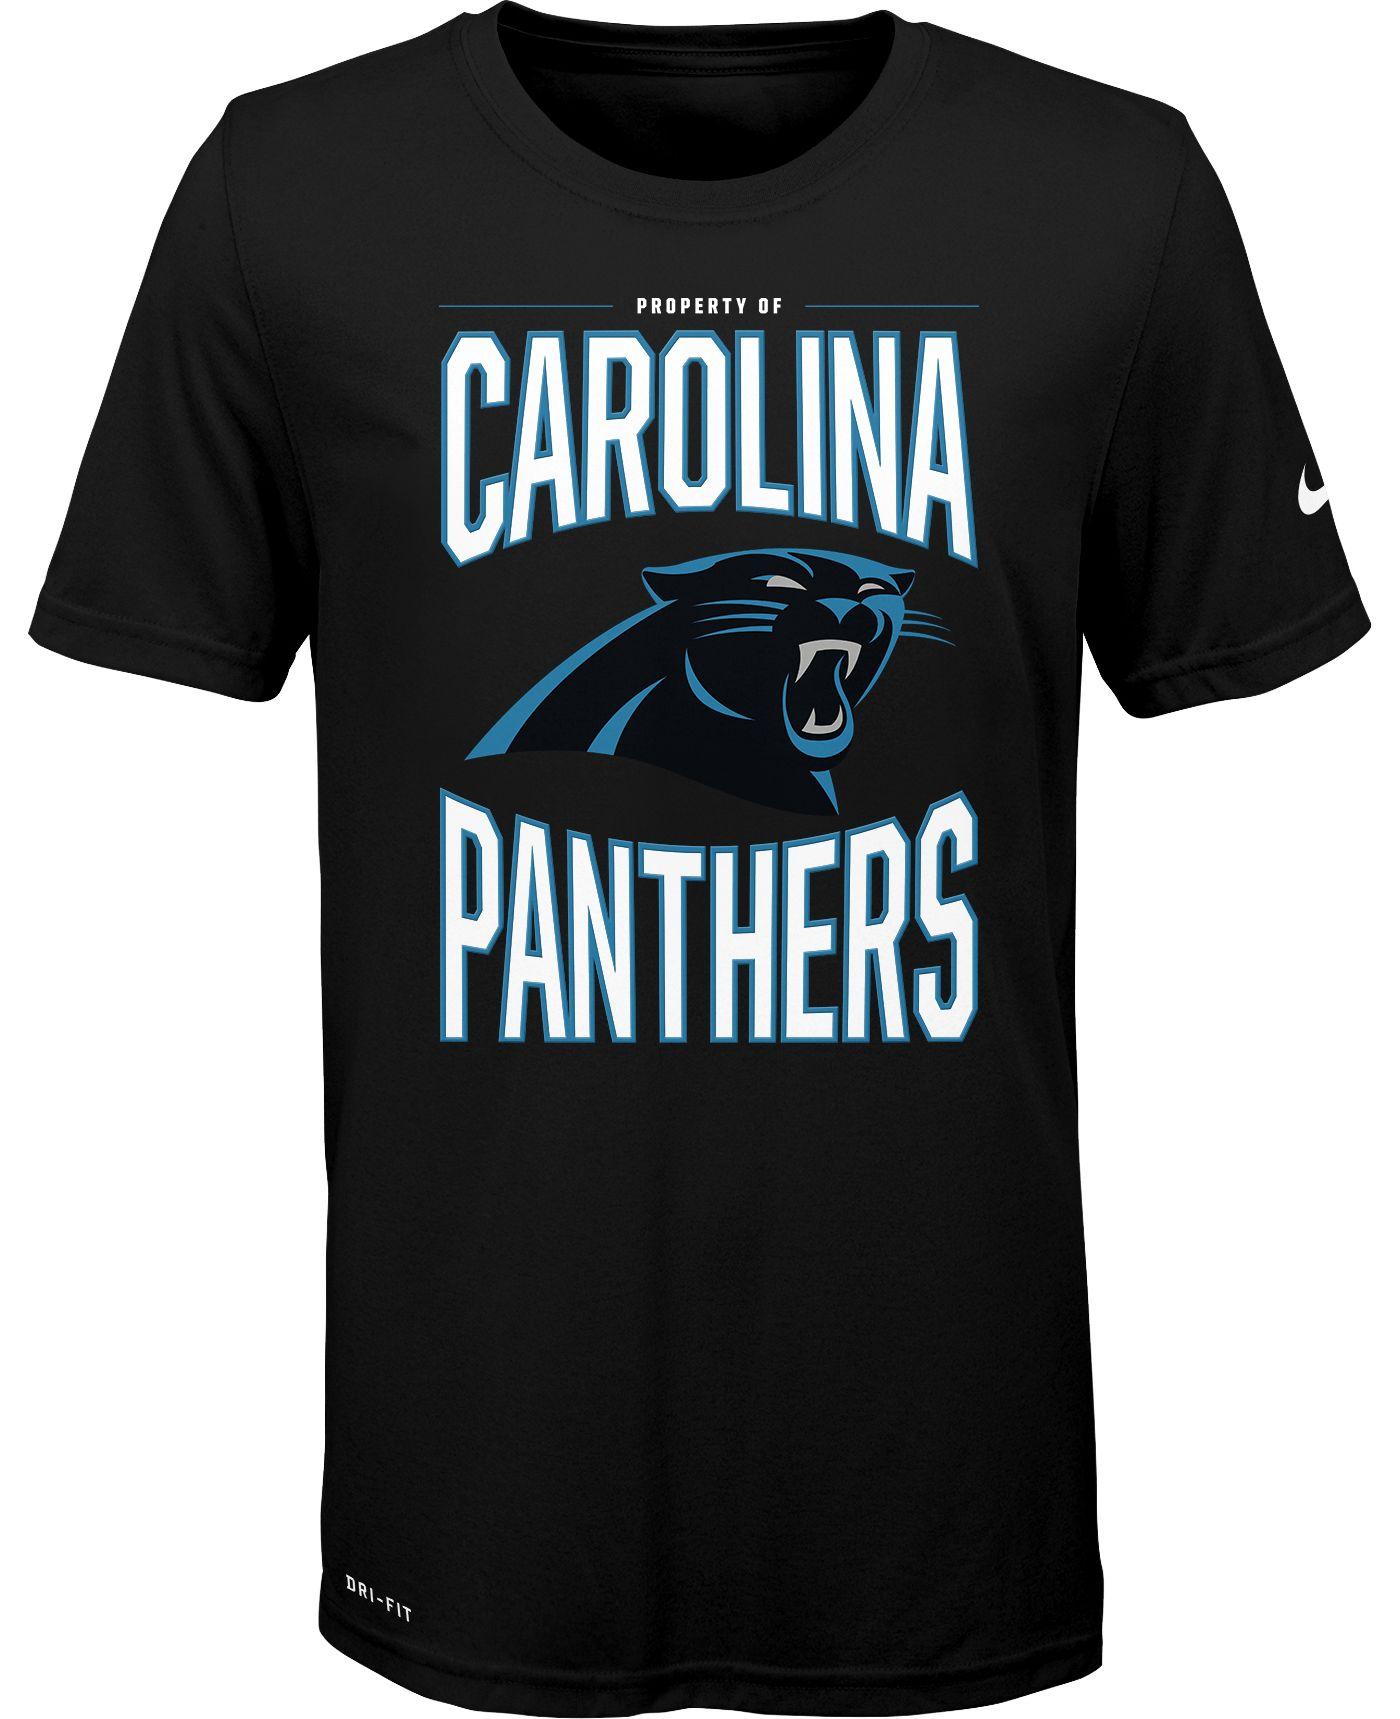 Nike Youth Carolina Panthers Sideline Property Of Black T-Shirt